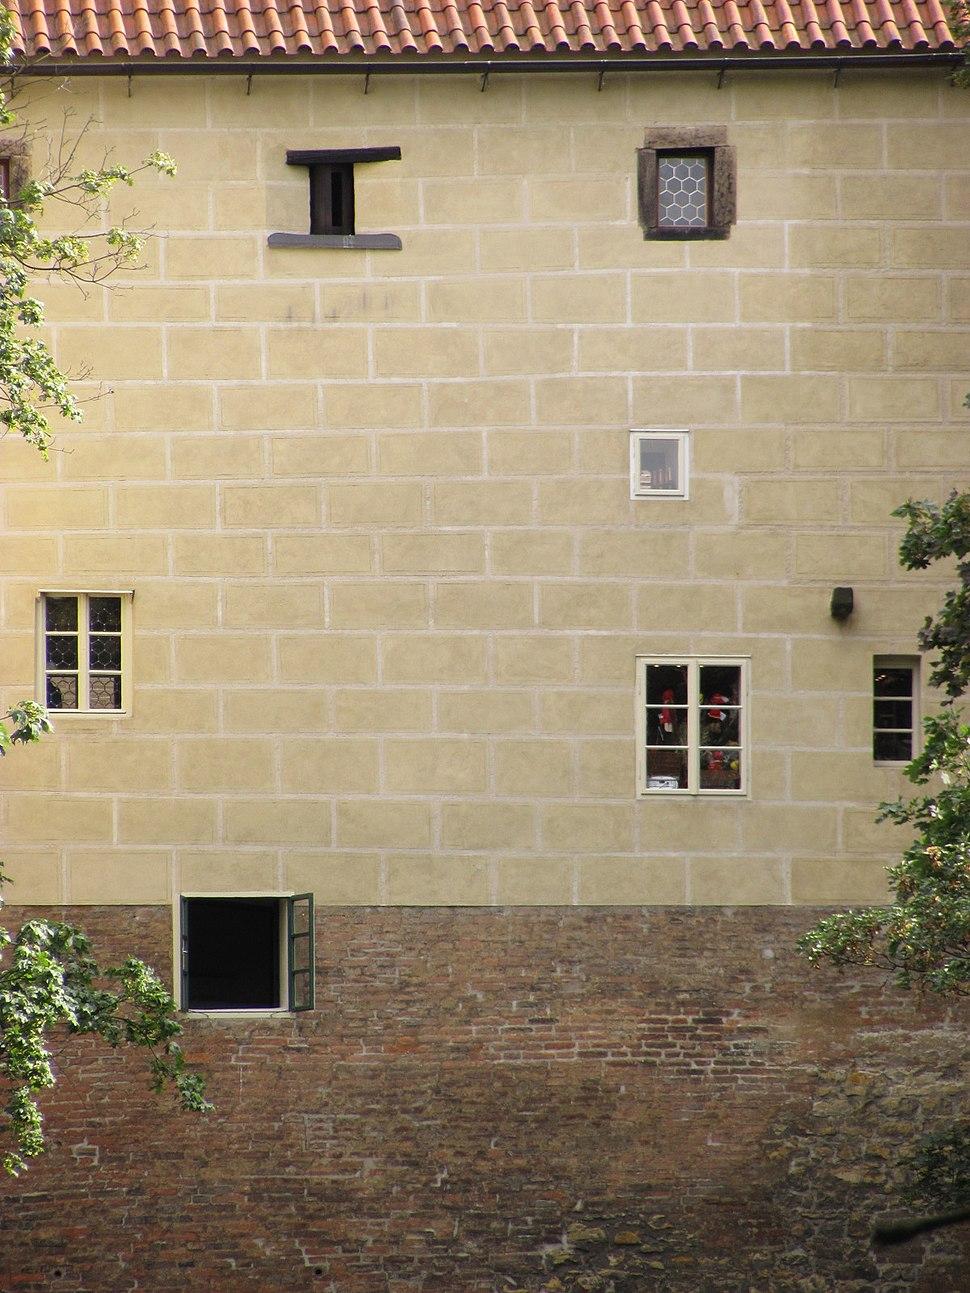 Prague castle - windows on the back side